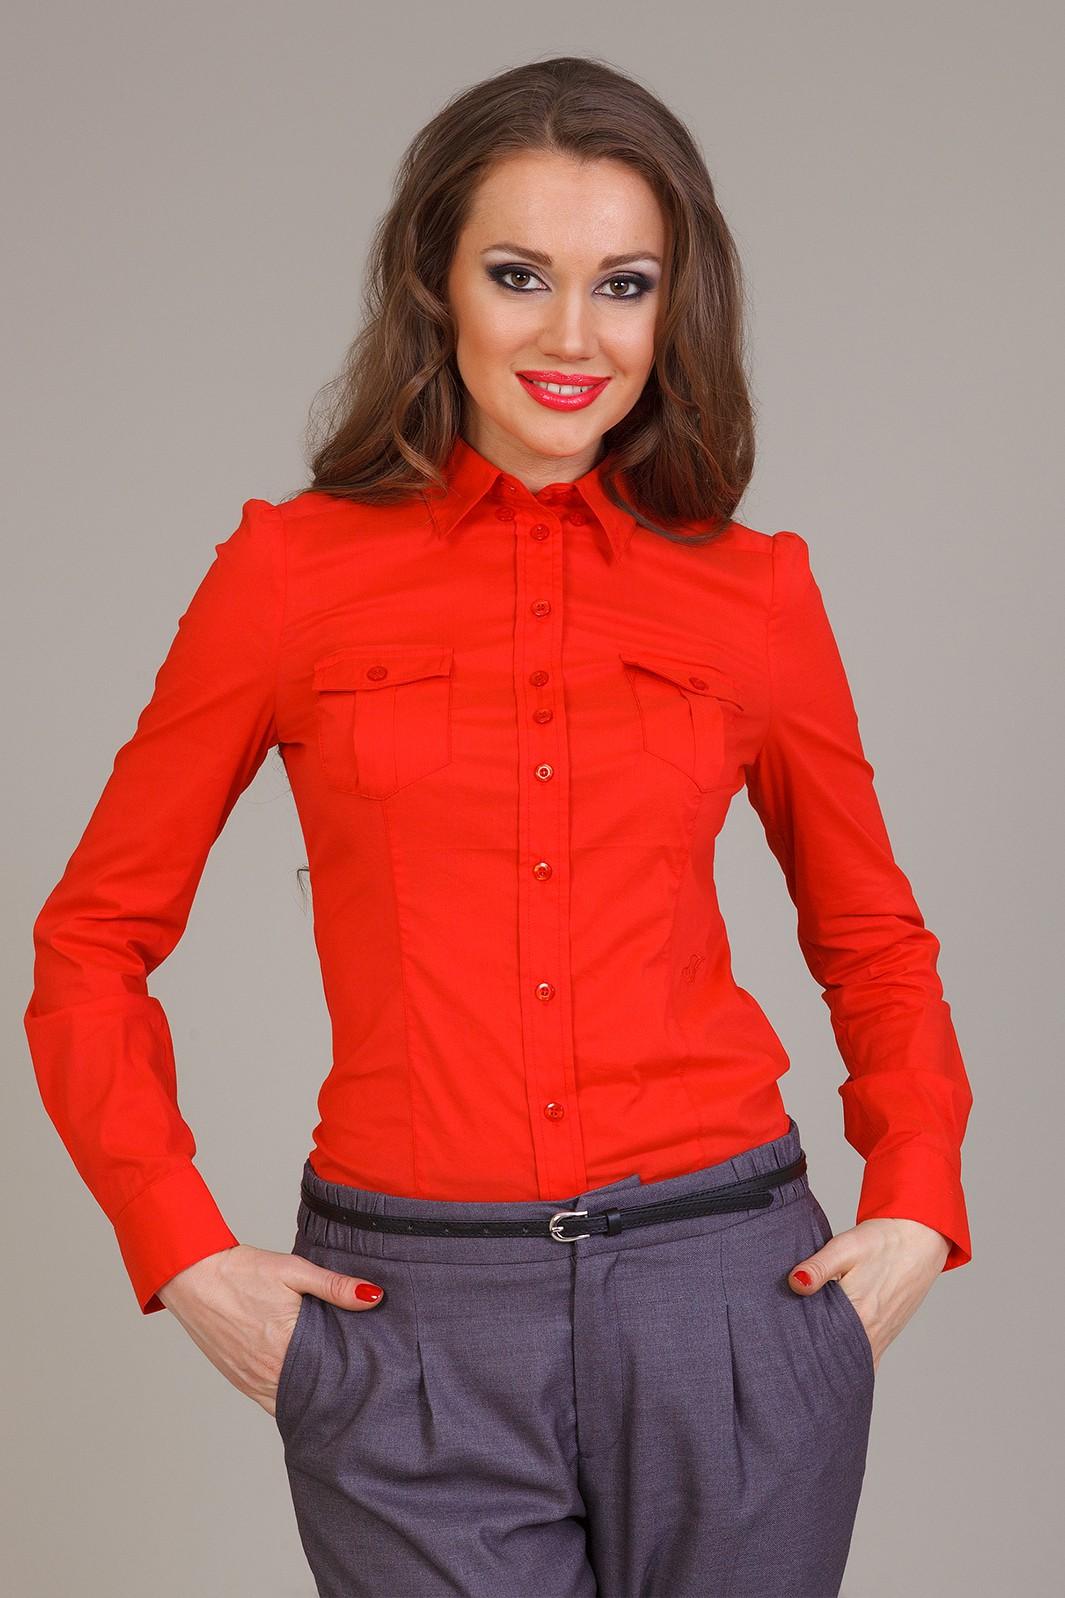 Купить Блузку Женскую Красную